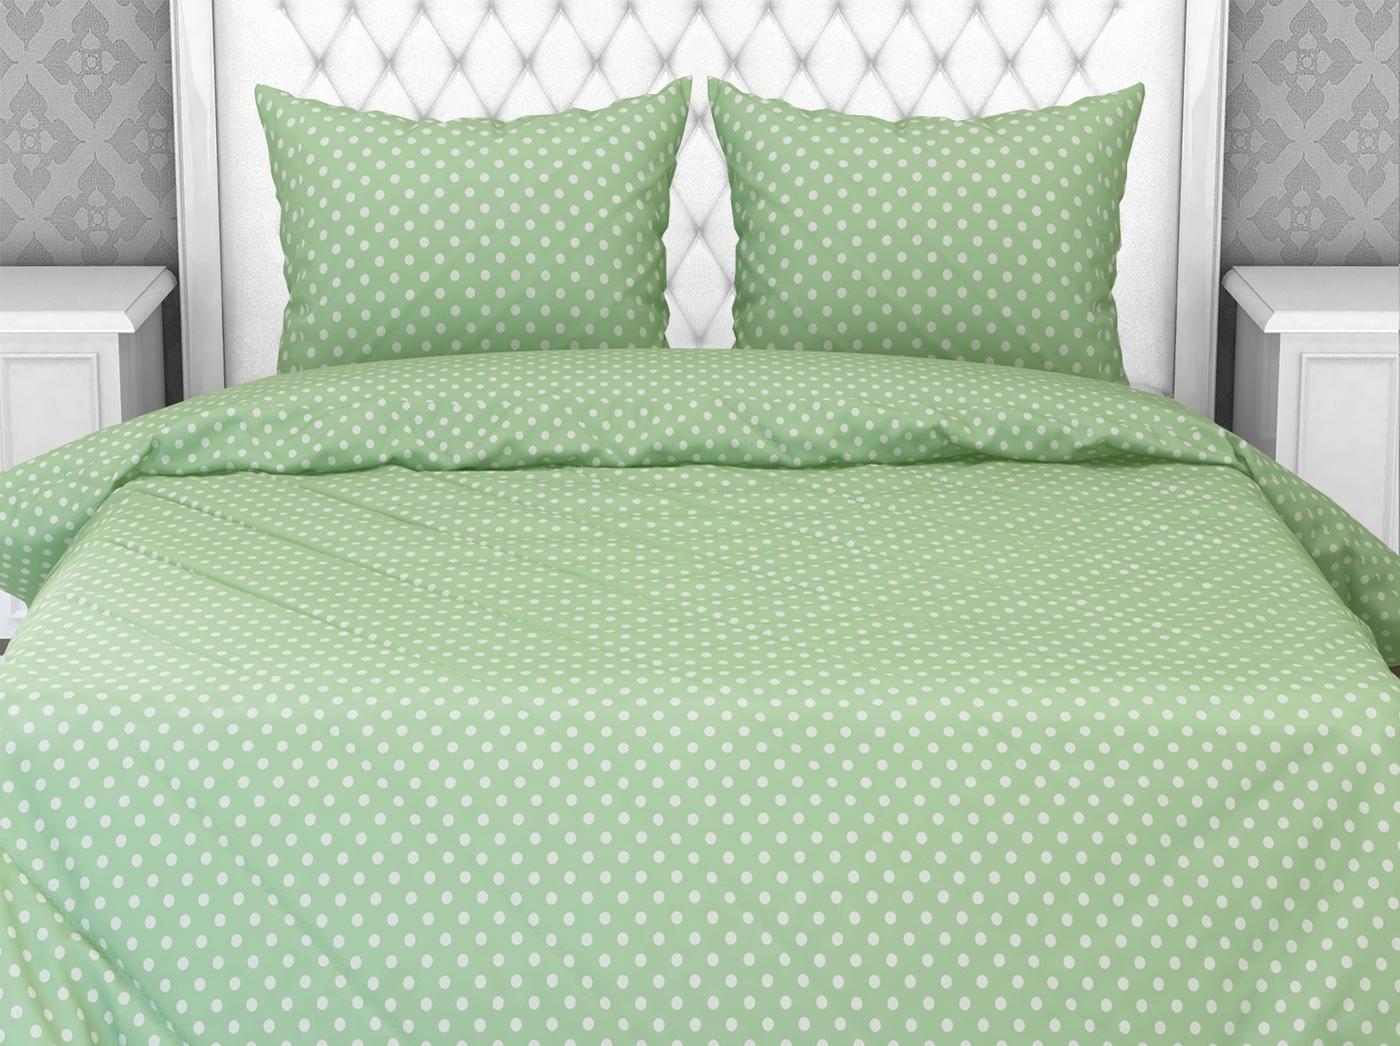 Комплект постельного белья Галтекс Горошек 1,5 спальный, Бязь, наволочки 70x70